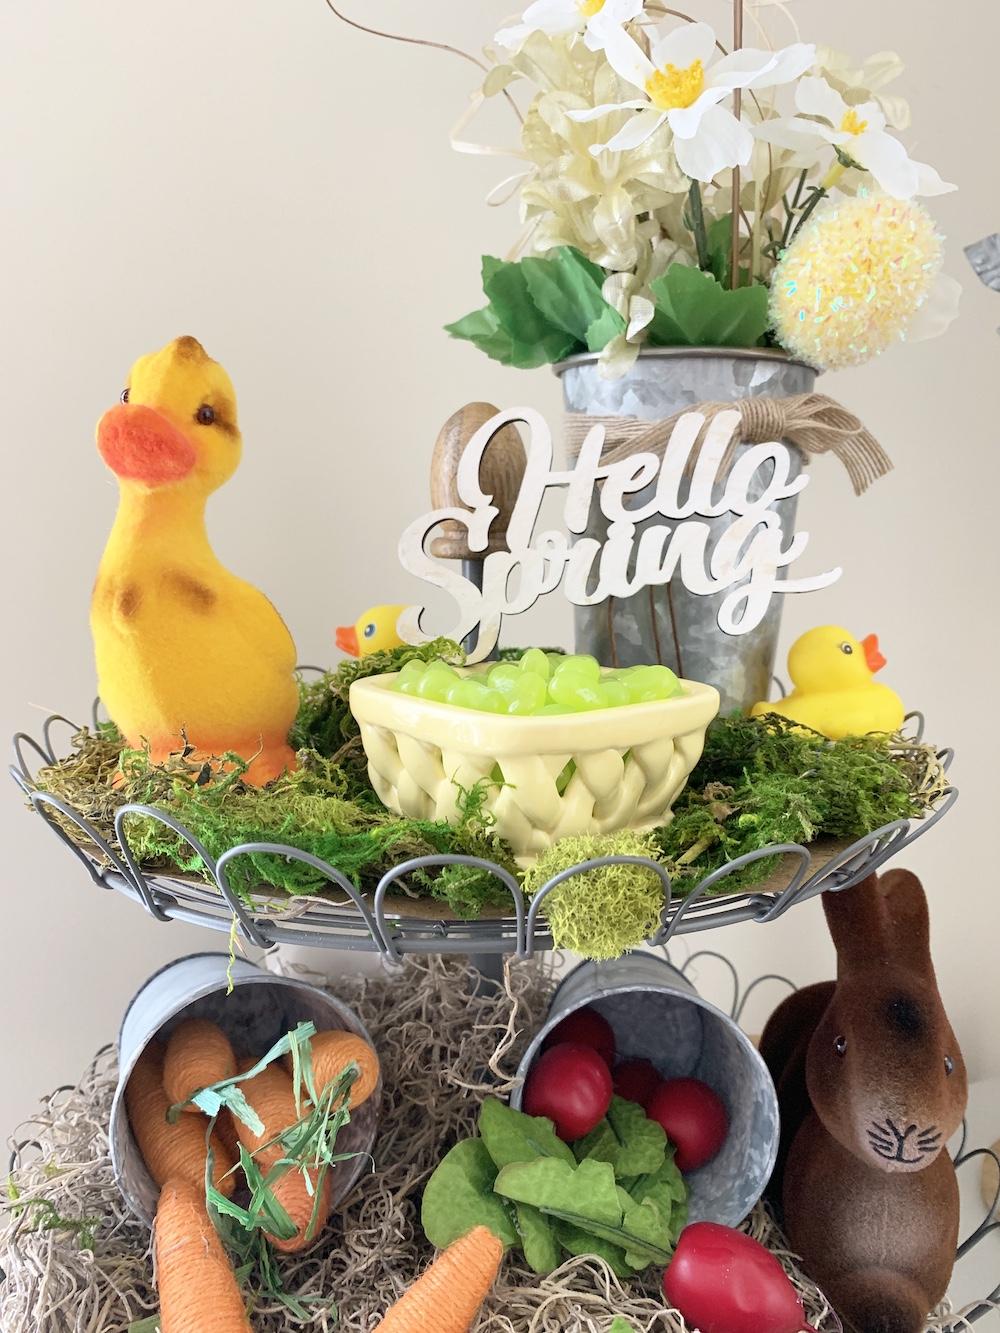 Hello Spring Farmhouse Stand Hello Spring #Farmhouse #DIY #Affordable #SimpleDecor #QuickAndEasy #BudgetFriendly #Spring #HelloSpring #SpringDecor #FarmhouseDecor